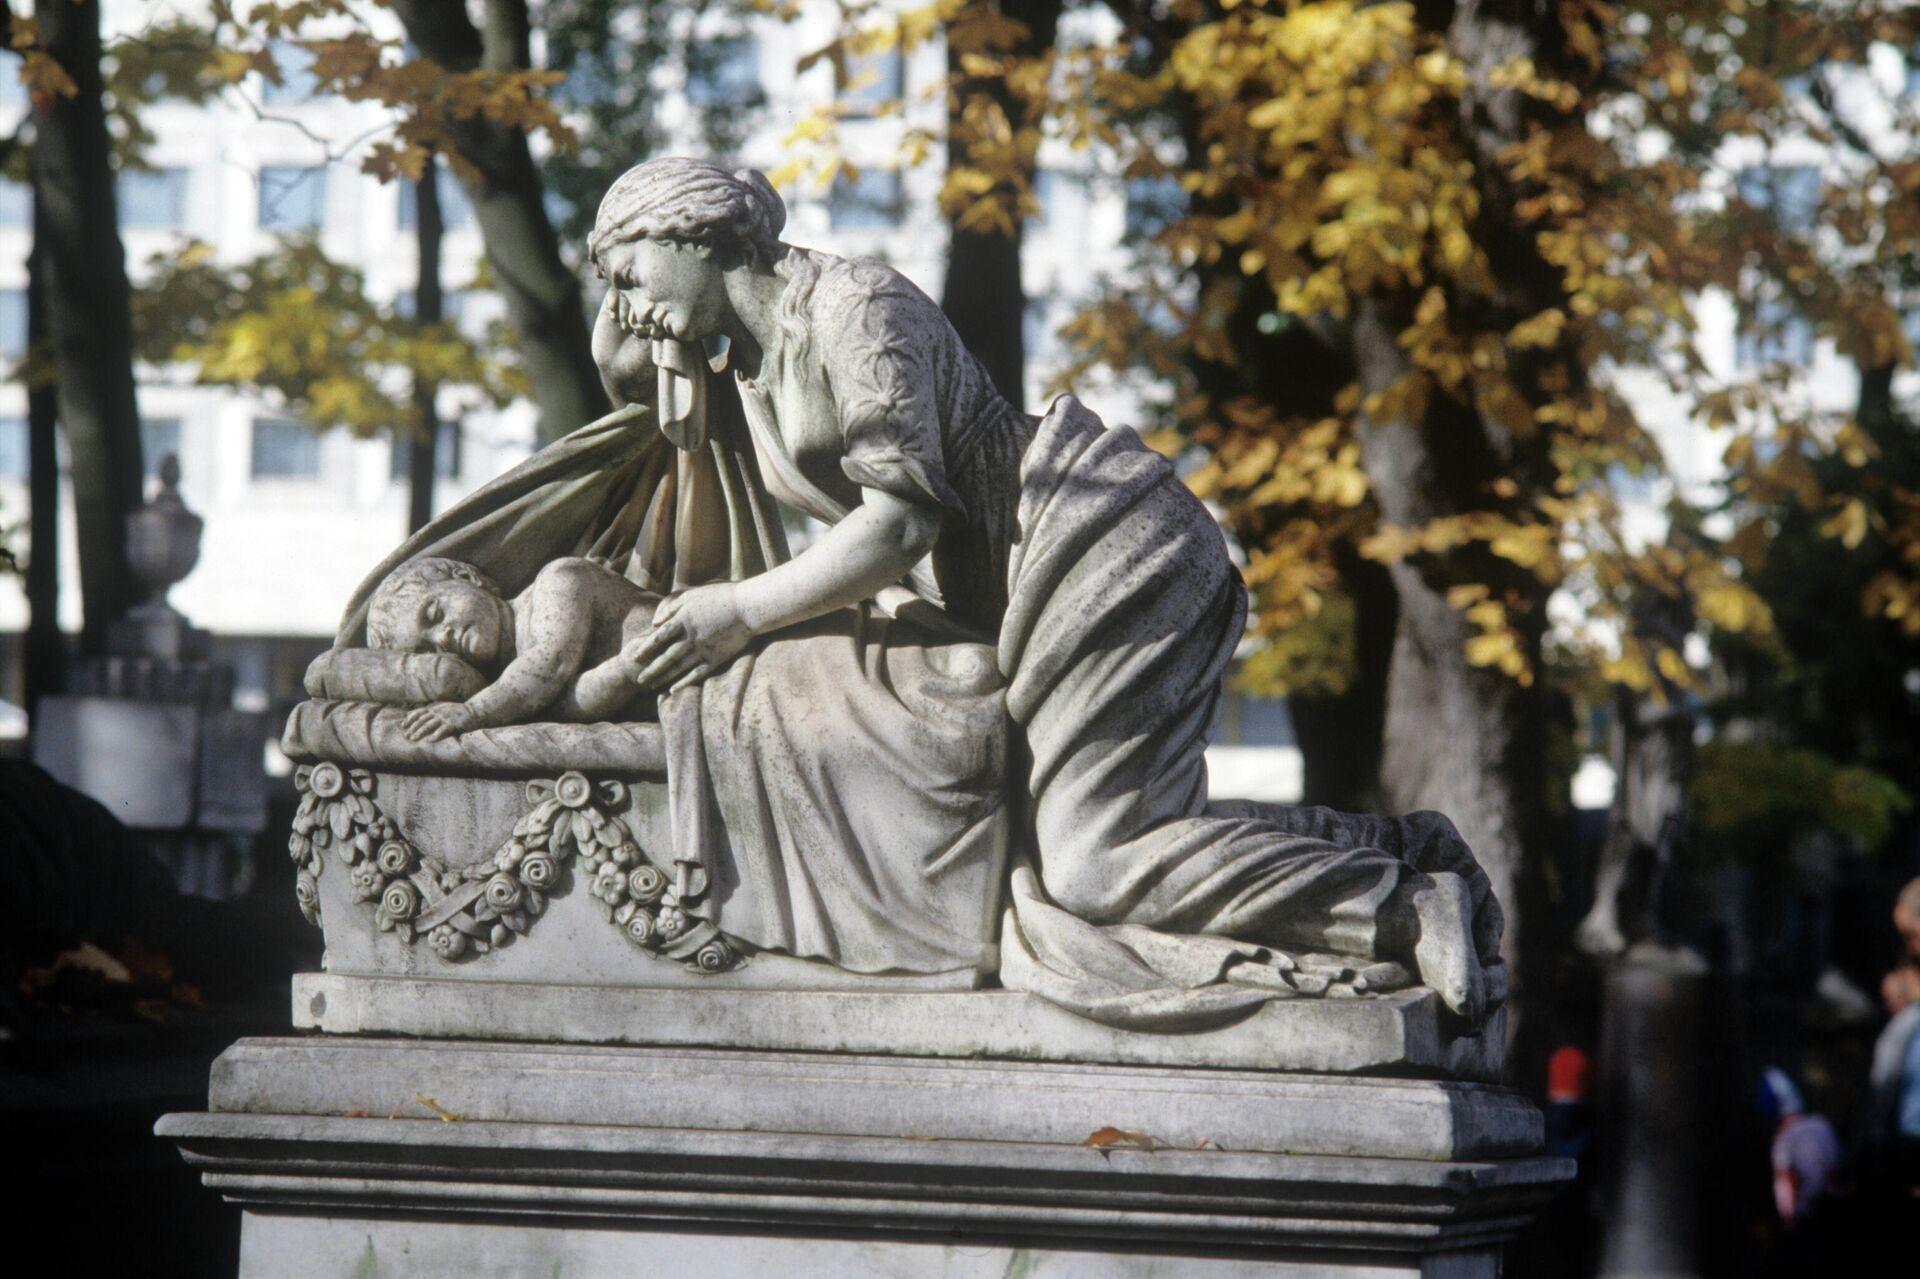 Скульптура женщины с младенцем - могильное надгробие в некрополе Александро-Невской Лавры в Санкт-Петербурге - РИА Новости, 1920, 23.11.2020